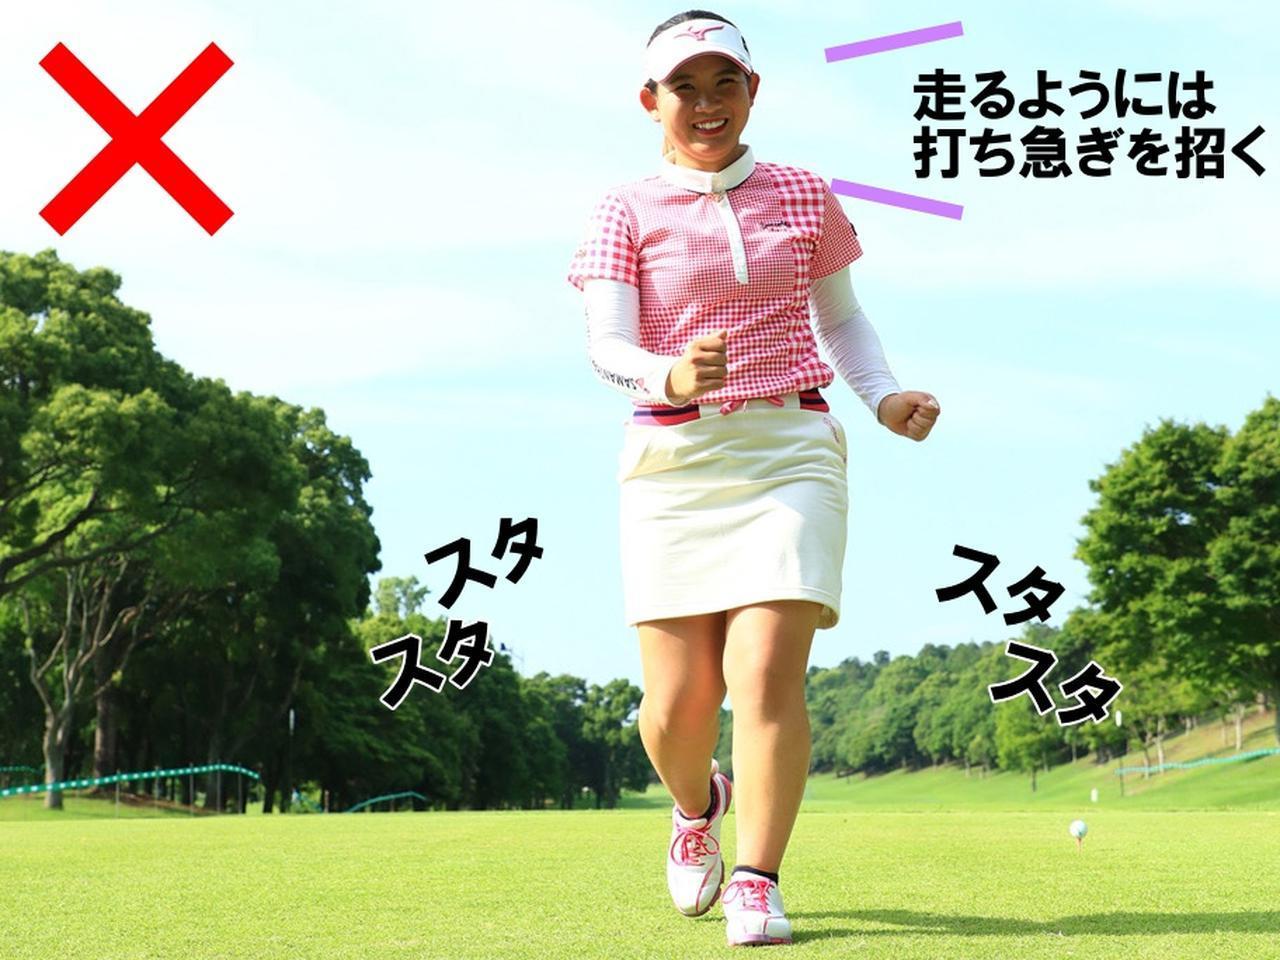 画像: 走るように焦って振ると、タイミングがずれて振り切れない